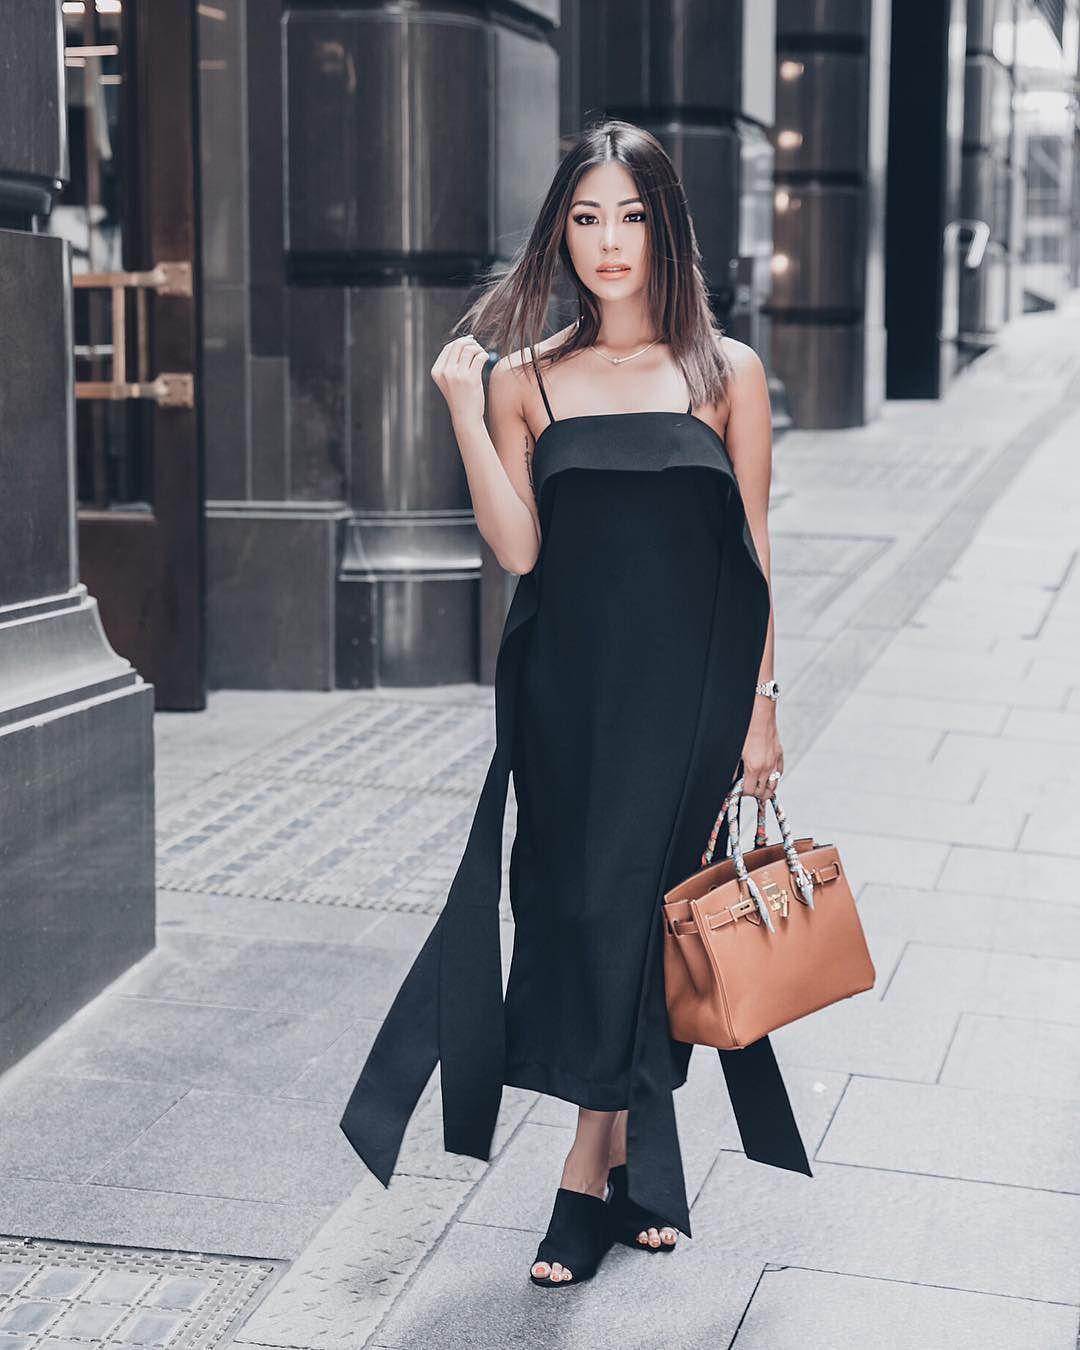 Як модно носити сарафан влітку 2018 року - фото 383953